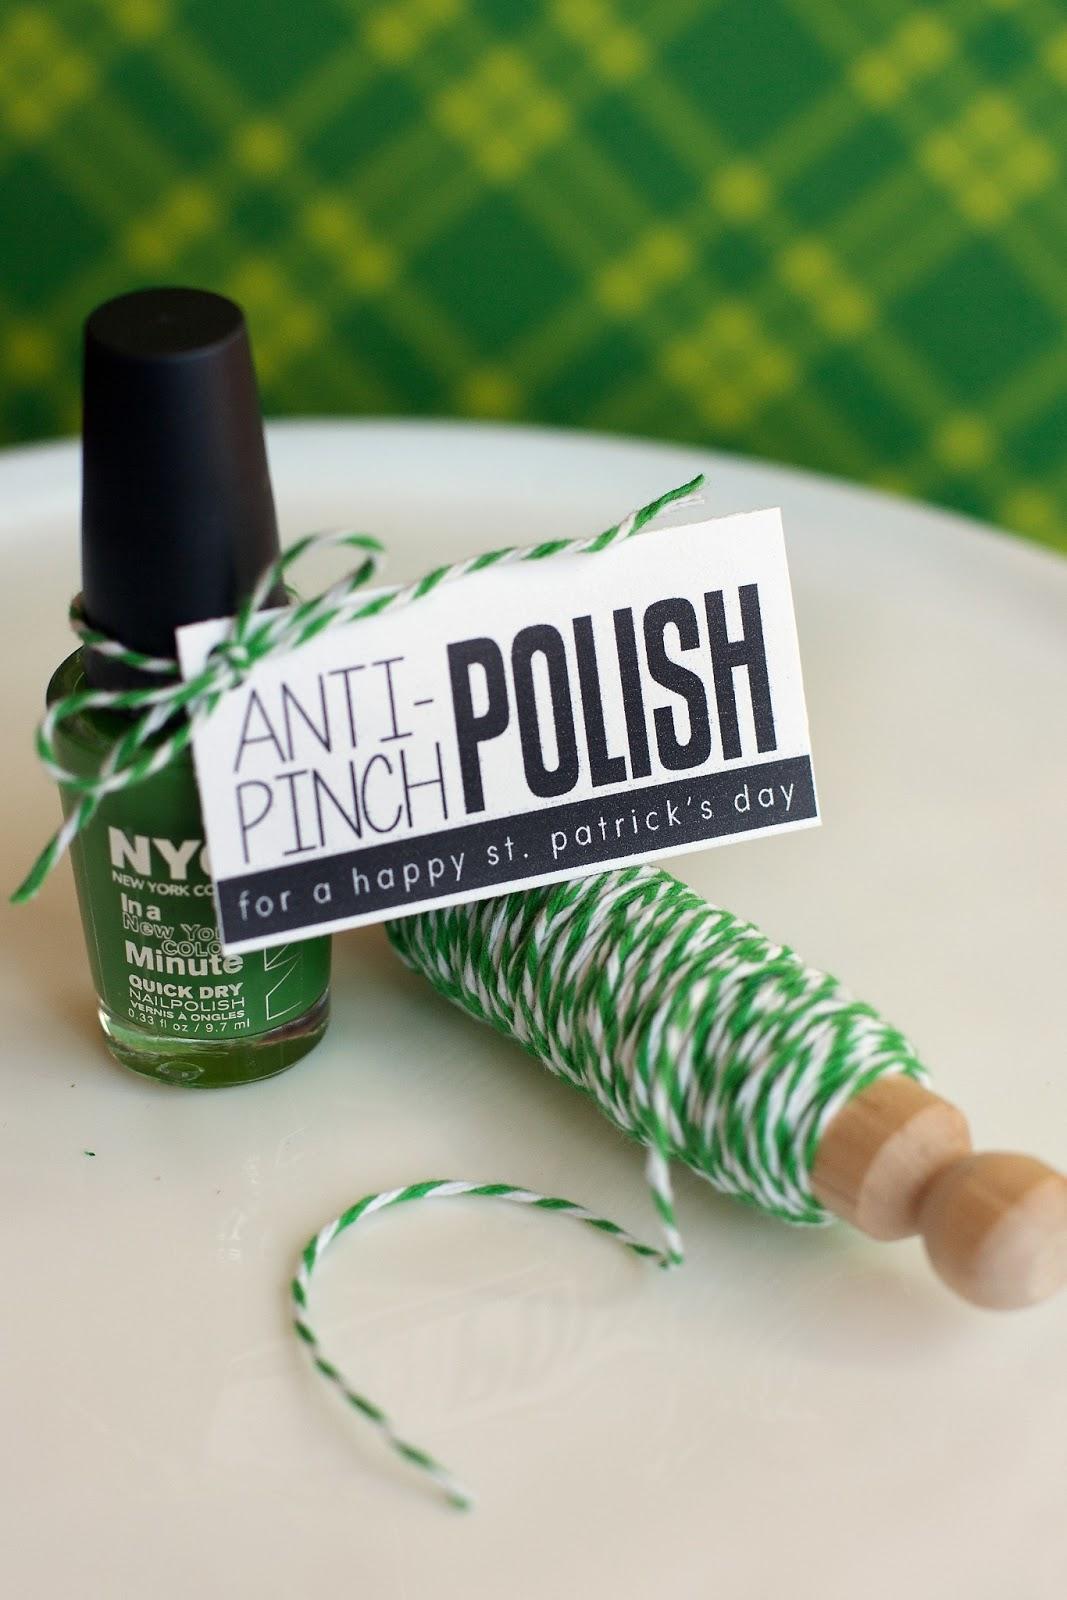 green nail polish and a anti pinch St. Patrick's tag